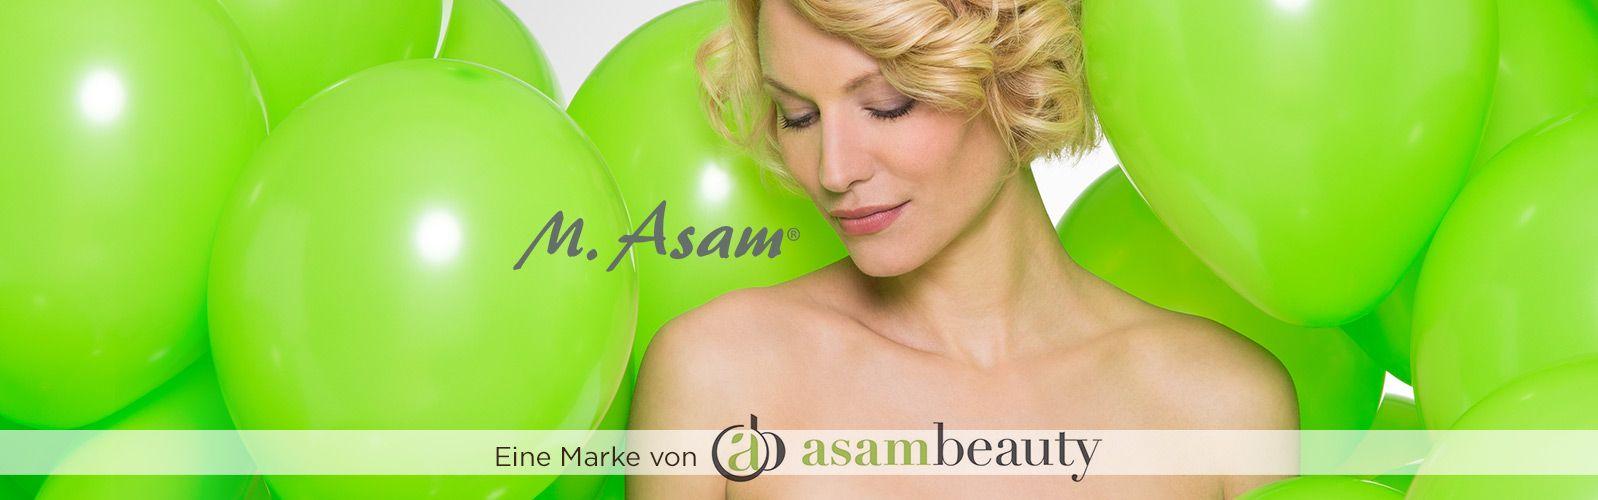 M. ASAM® Pflege & Kosmetik